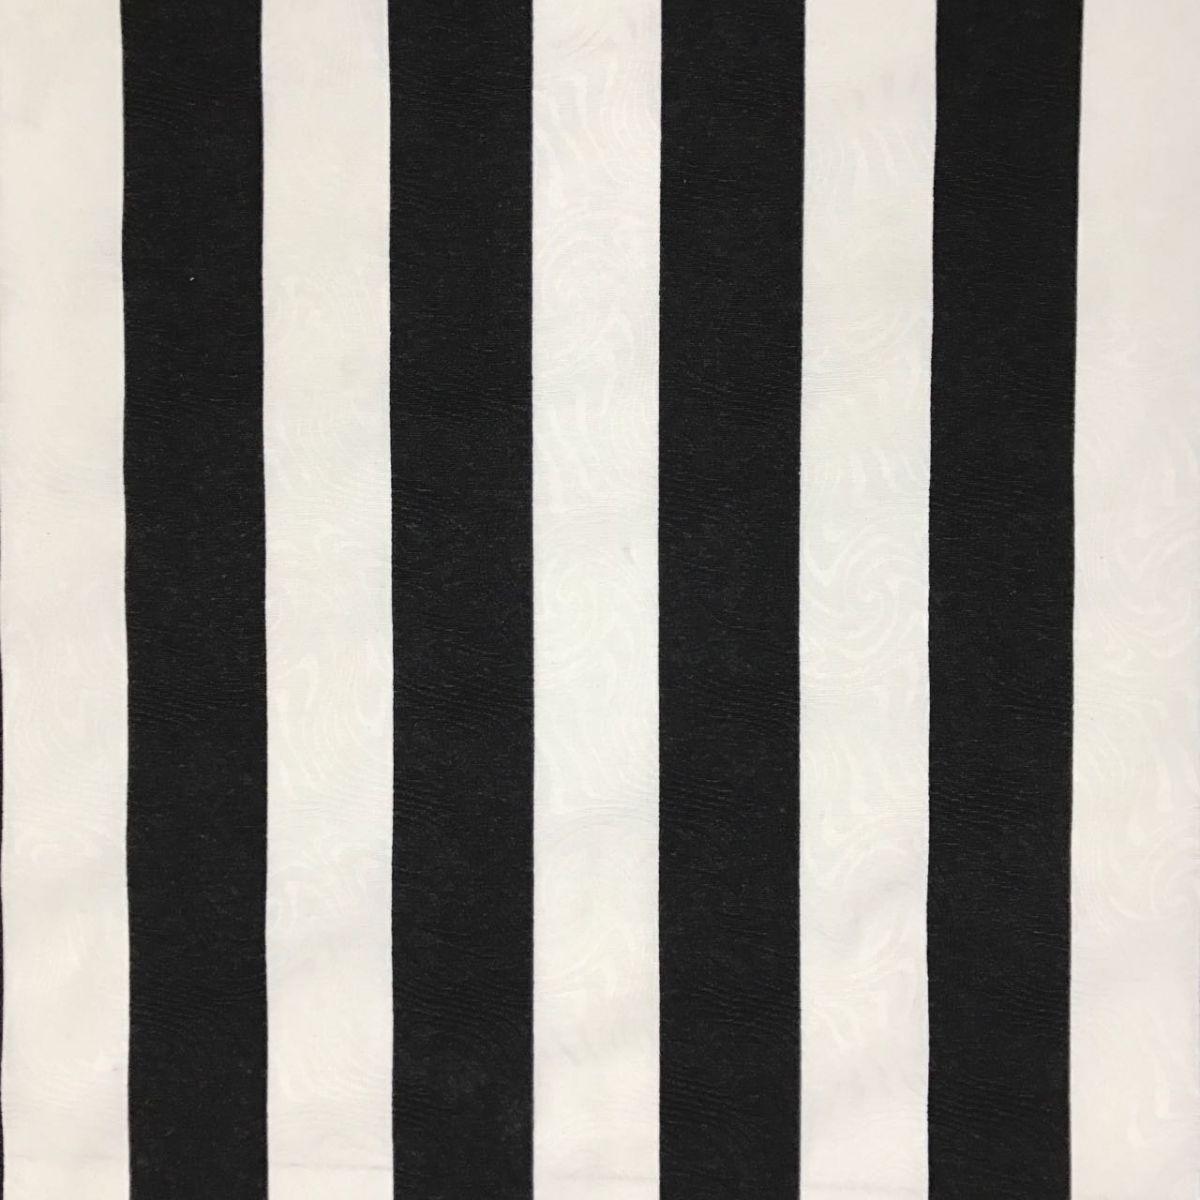 Tecido Jacquard Estampado Preto e Branco Listrado 1 40m de  ~ Quarto Preto E Branco Listrado